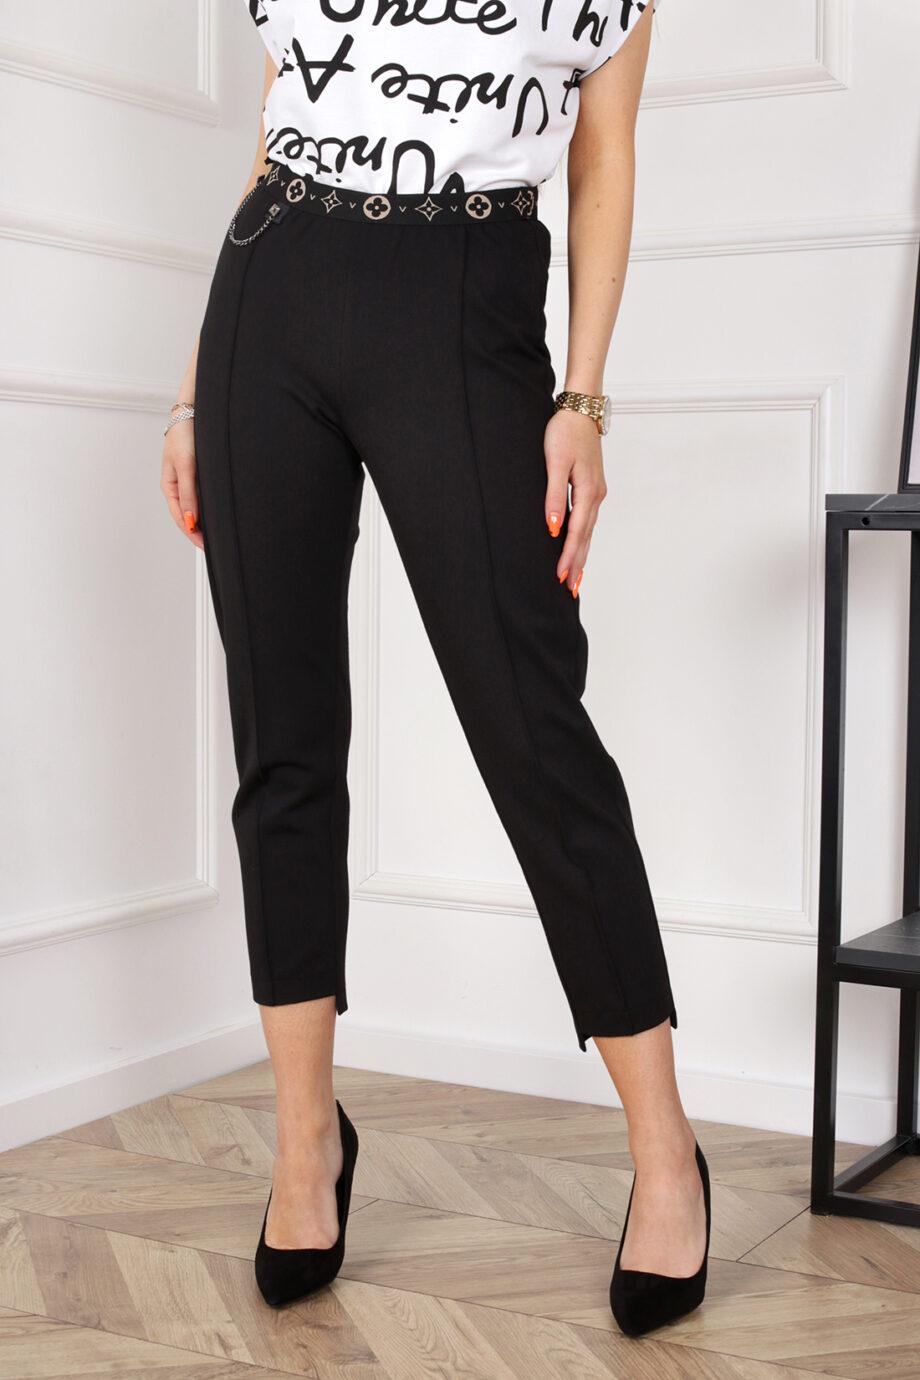 BABEL spodnie i LOVE bluzka (5)